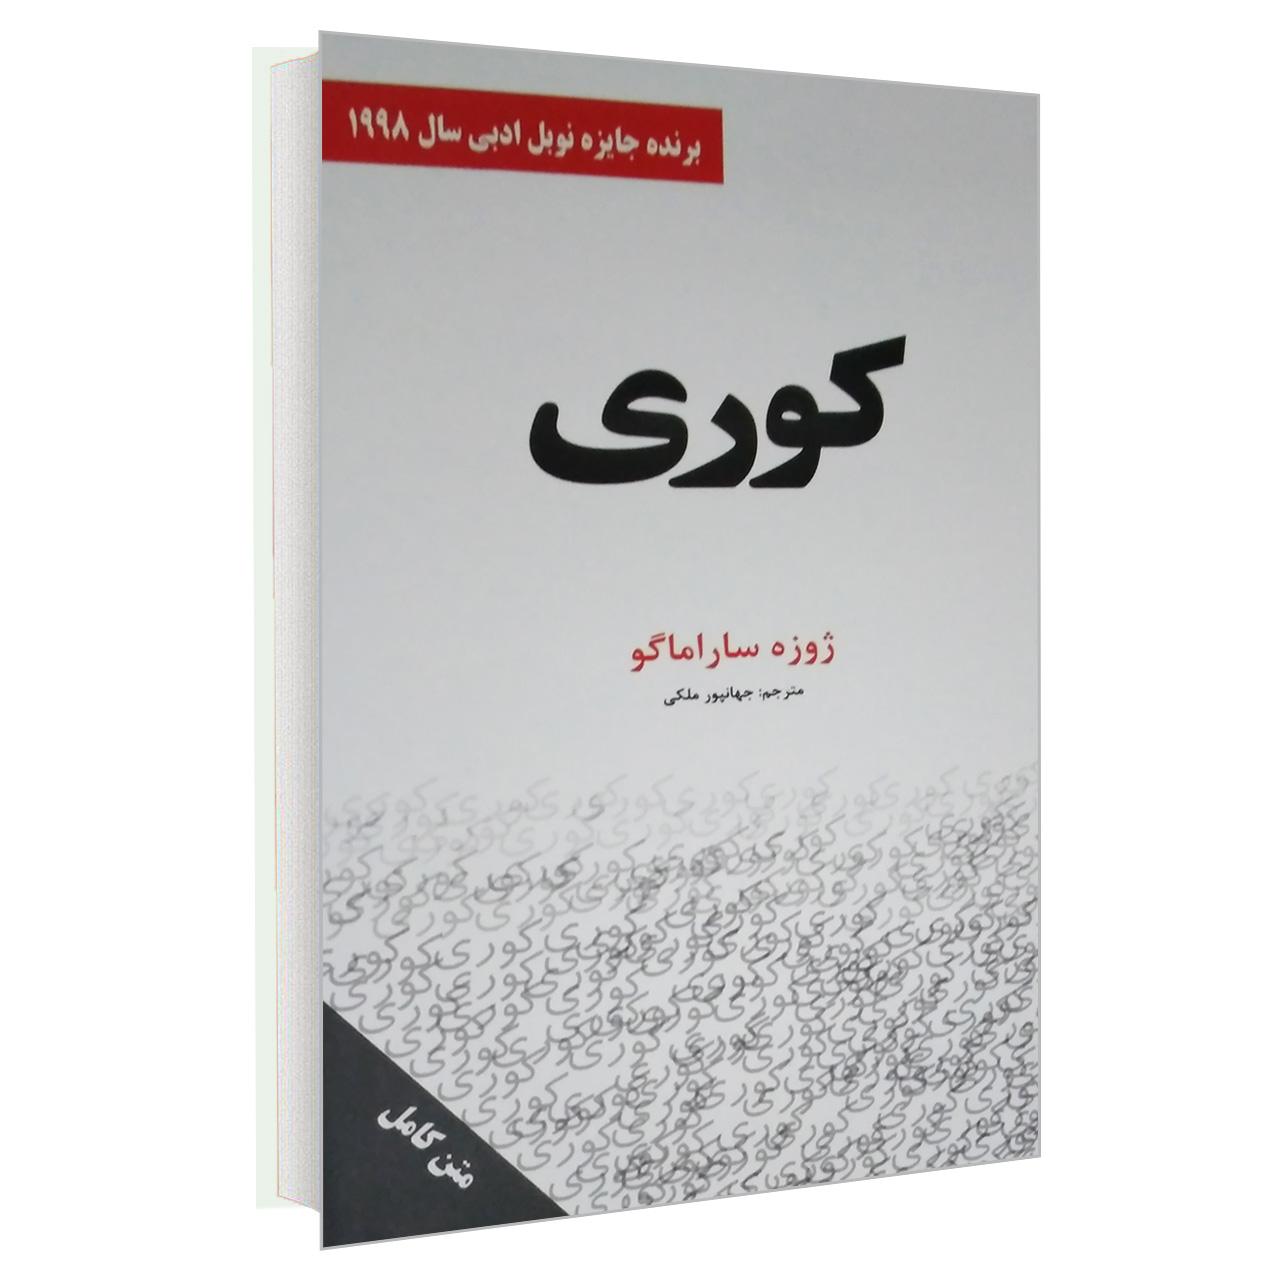 خرید                      کتاب کوری اثر ژوزه ساراماگو انتشارات سپهر ادب